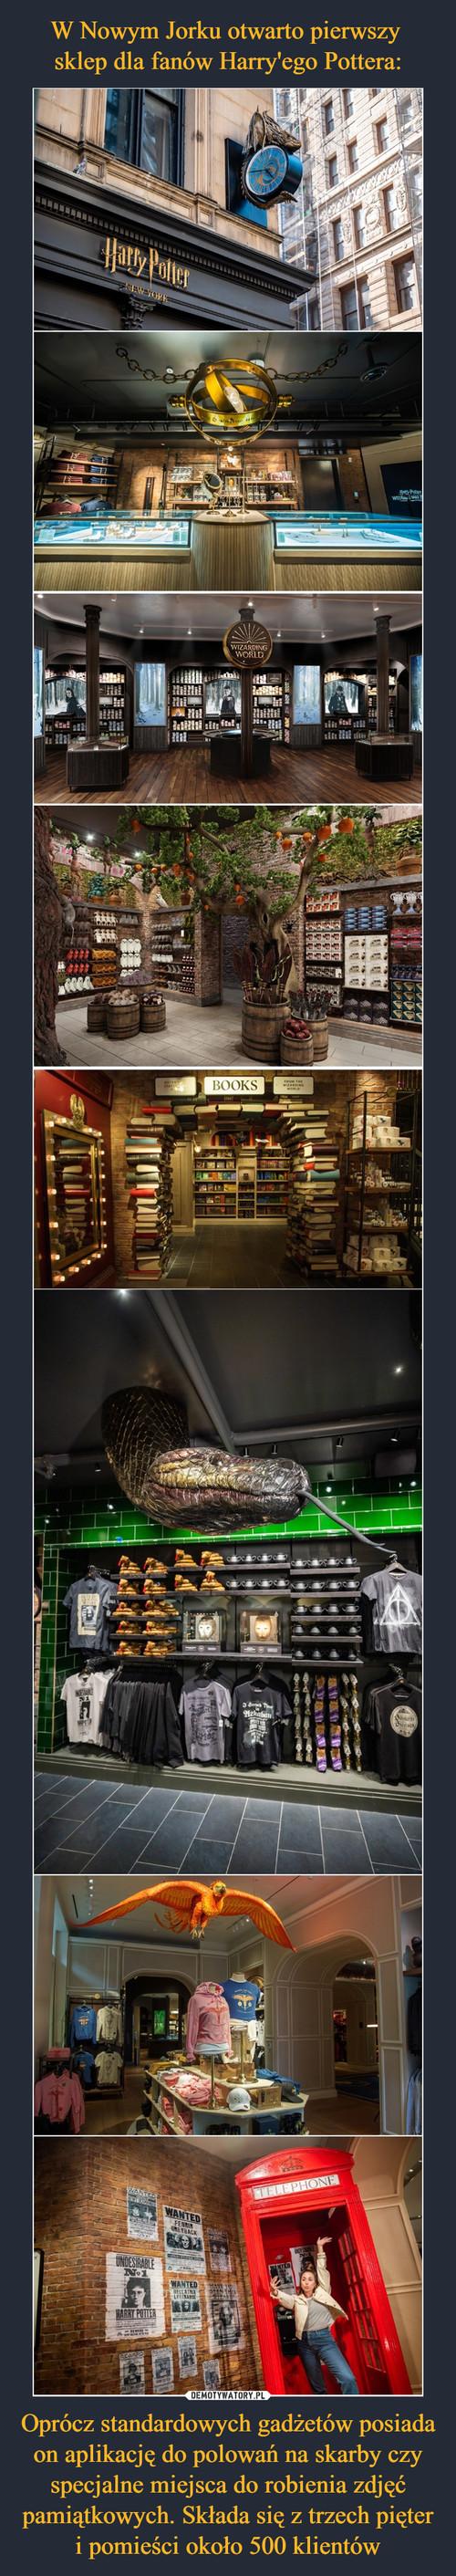 W Nowym Jorku otwarto pierwszy  sklep dla fanów Harry'ego Pottera: Oprócz standardowych gadżetów posiada on aplikację do polowań na skarby czy specjalne miejsca do robienia zdjęć pamiątkowych. Składa się z trzech pięter i pomieści około 500 klientów